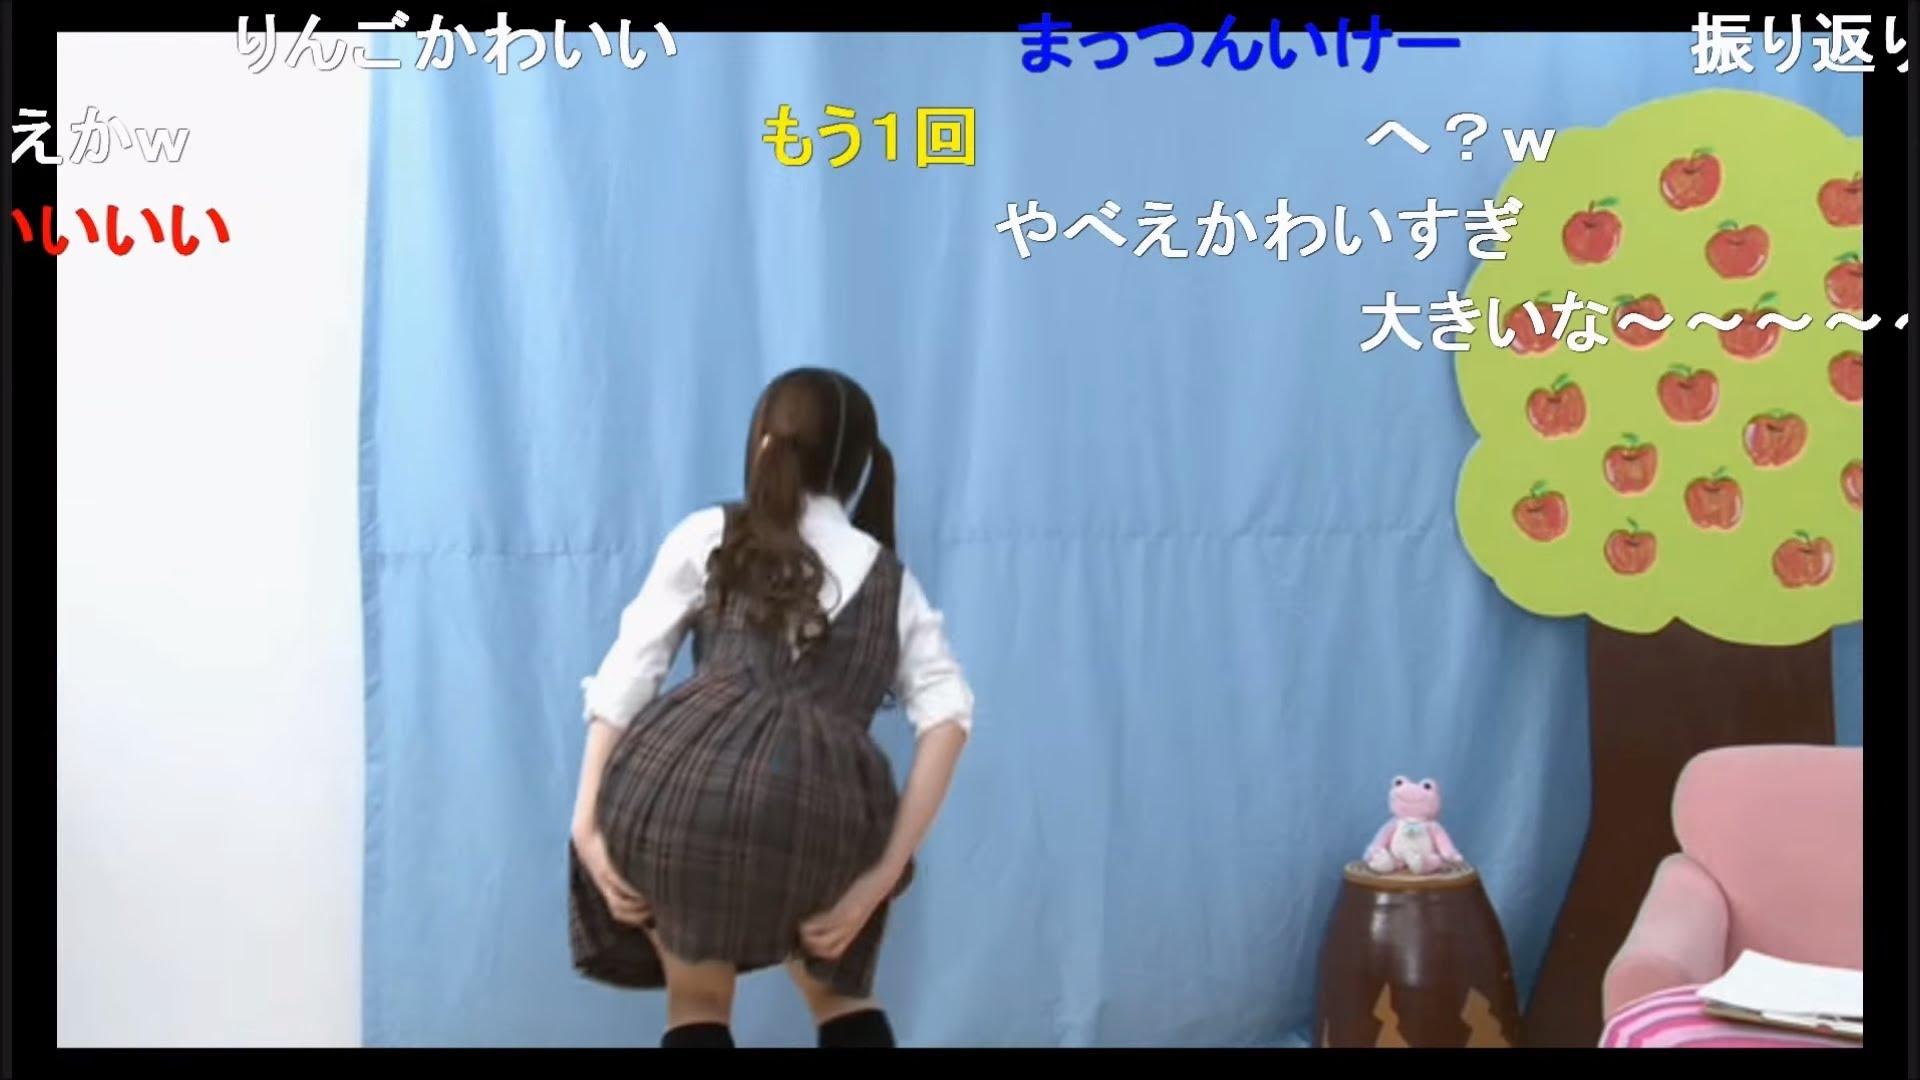 乃木坂46・松村沙友理の着衣デカ尻